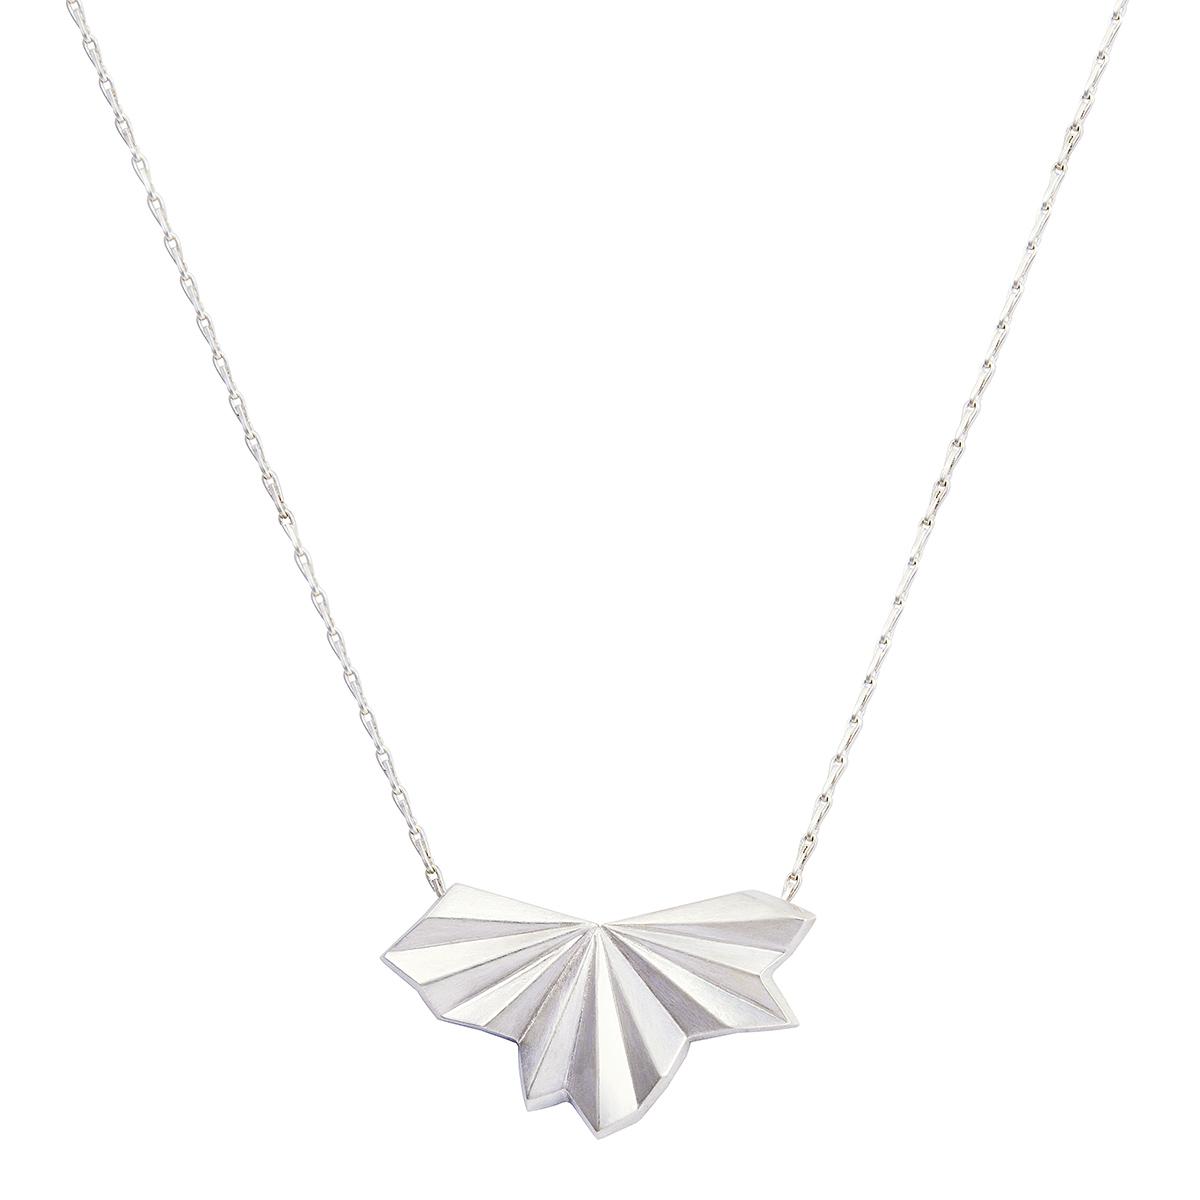 Silver fan necklace